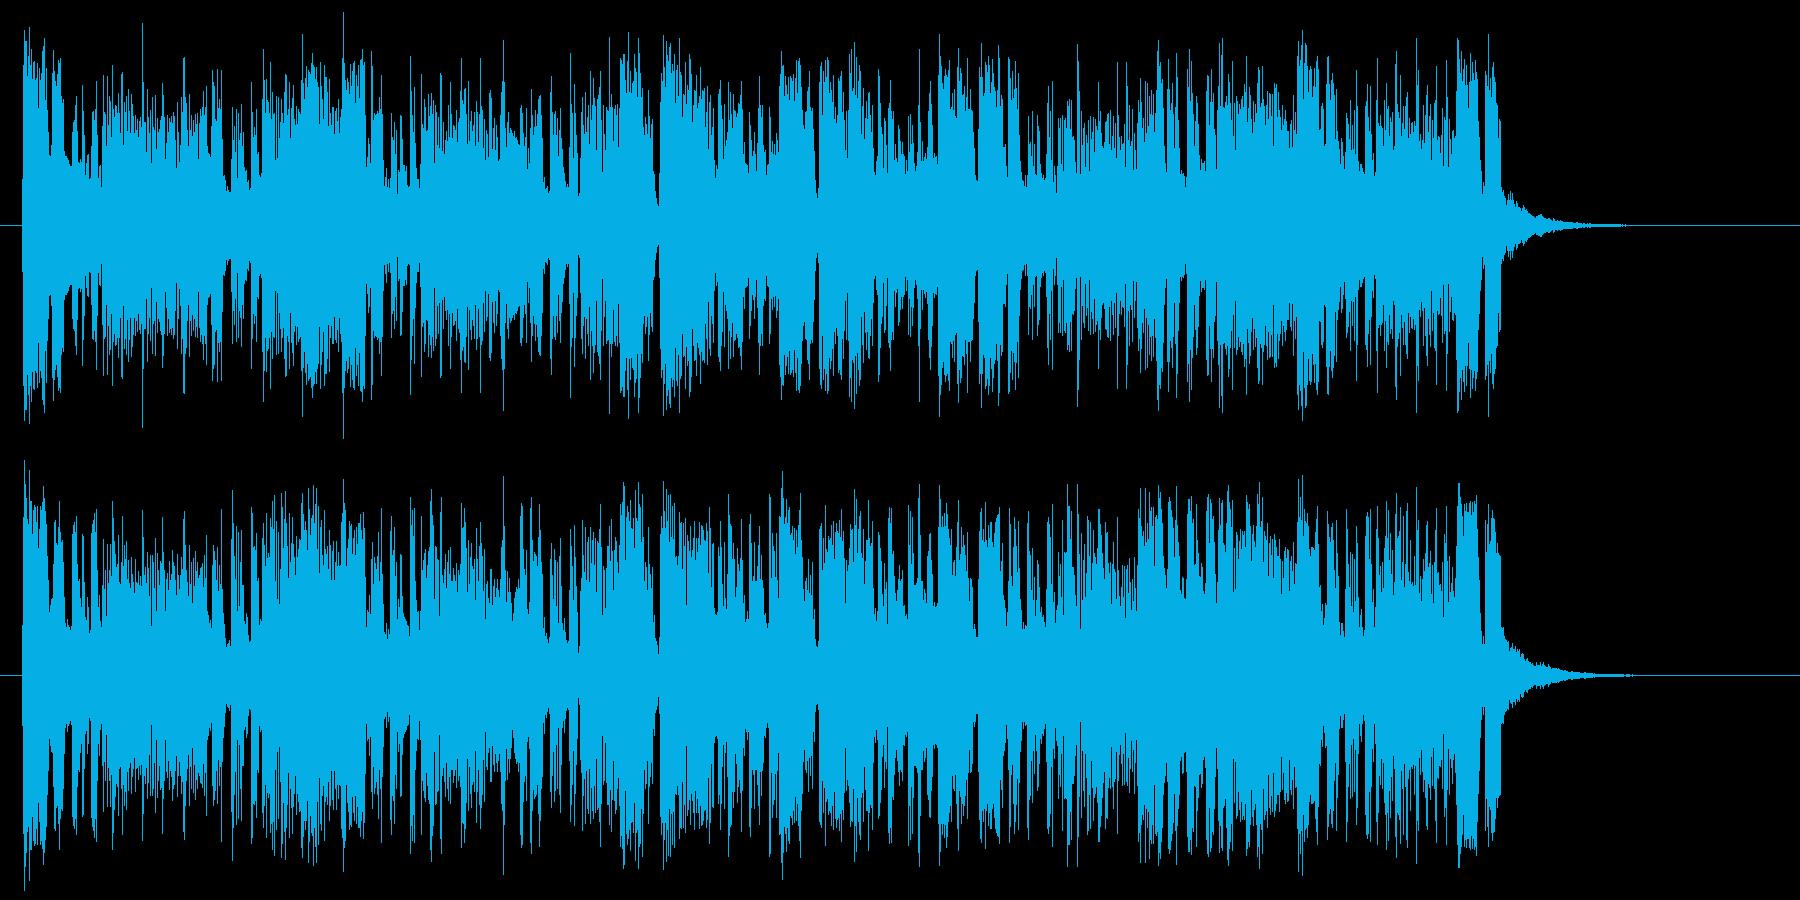 軽快でリズミカルなサンバ風ジングルの再生済みの波形